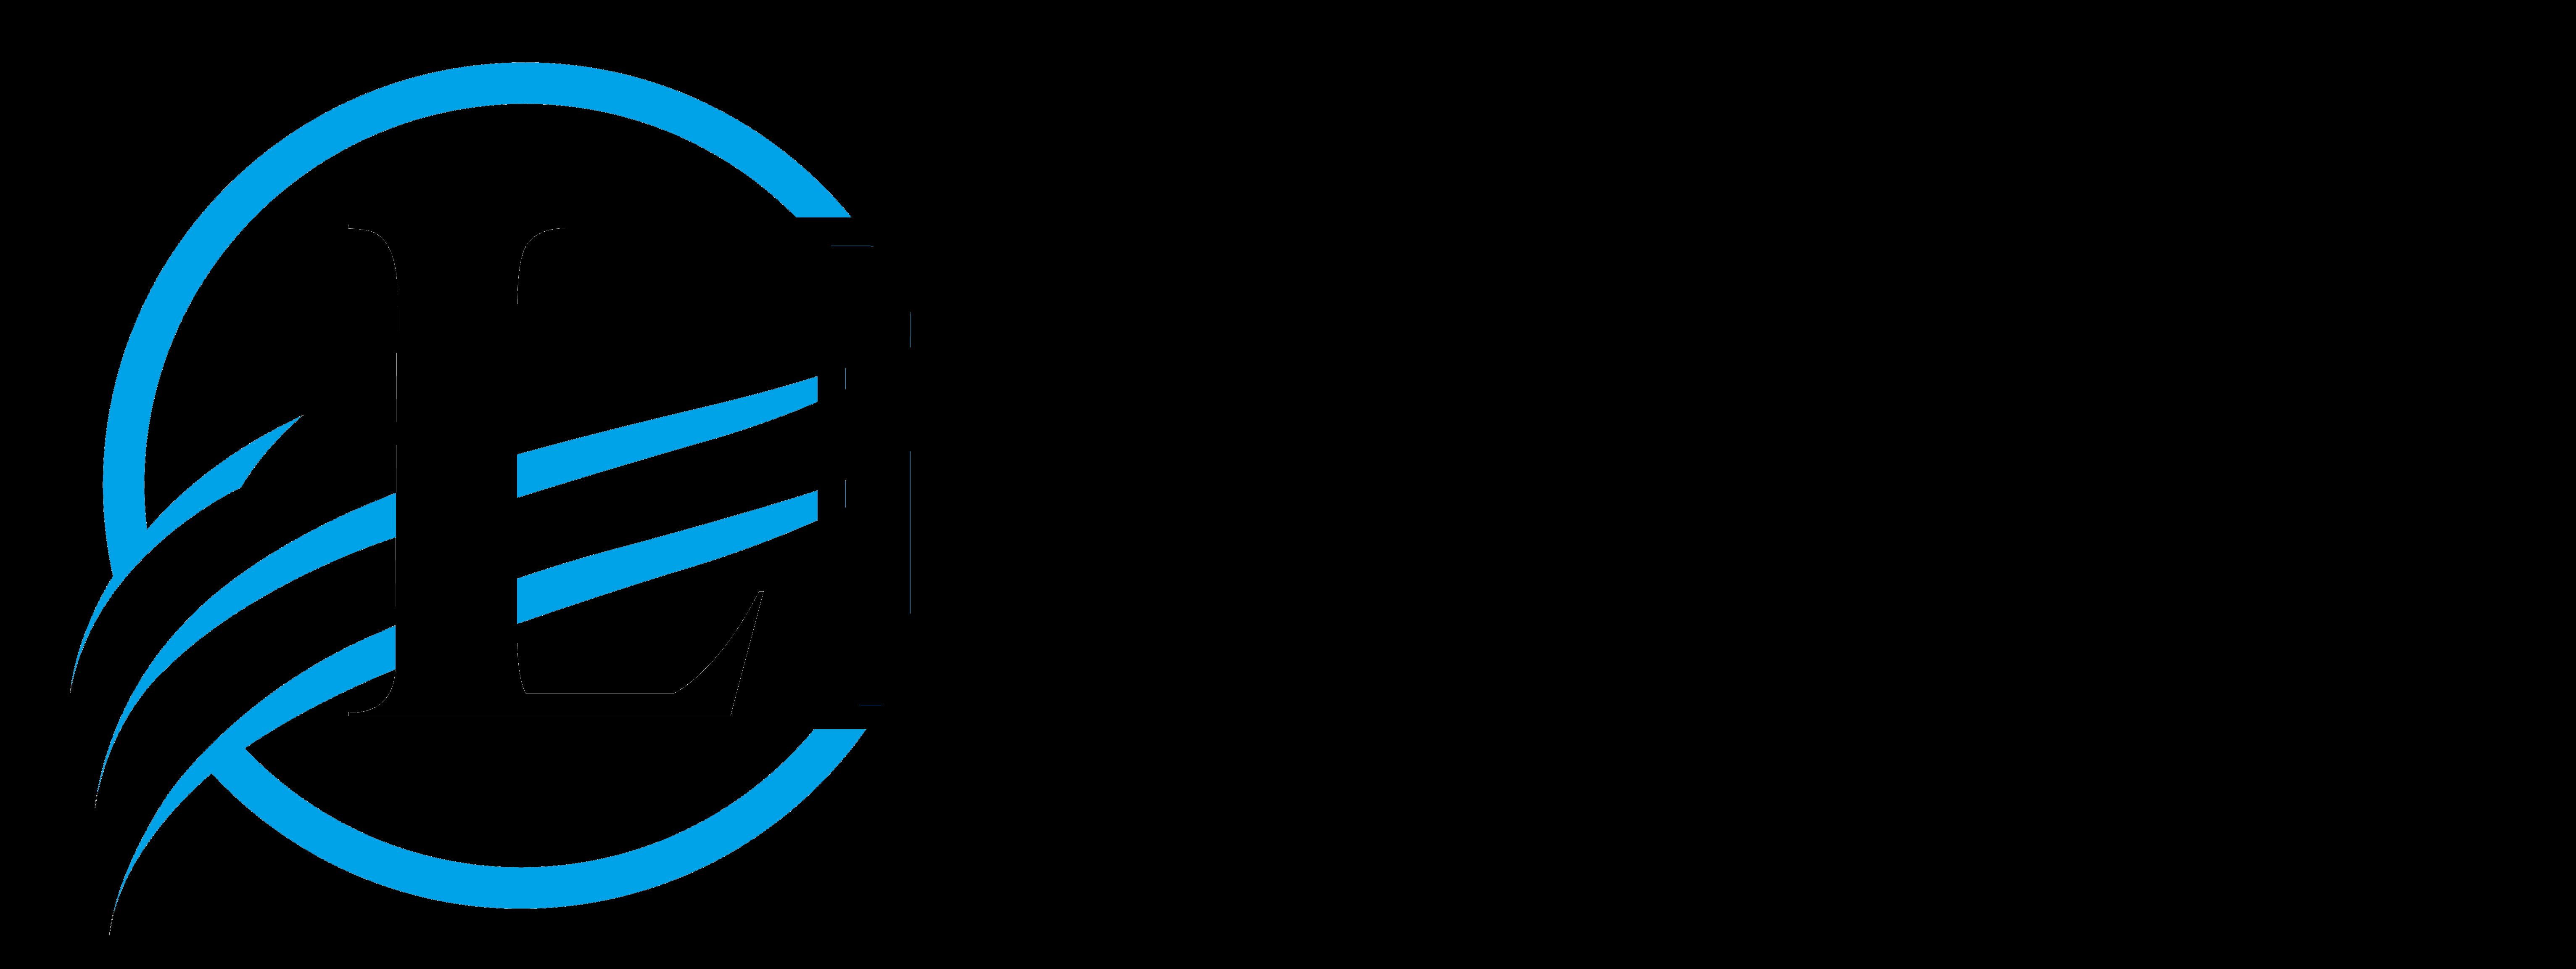 The Ligon Group of Companies